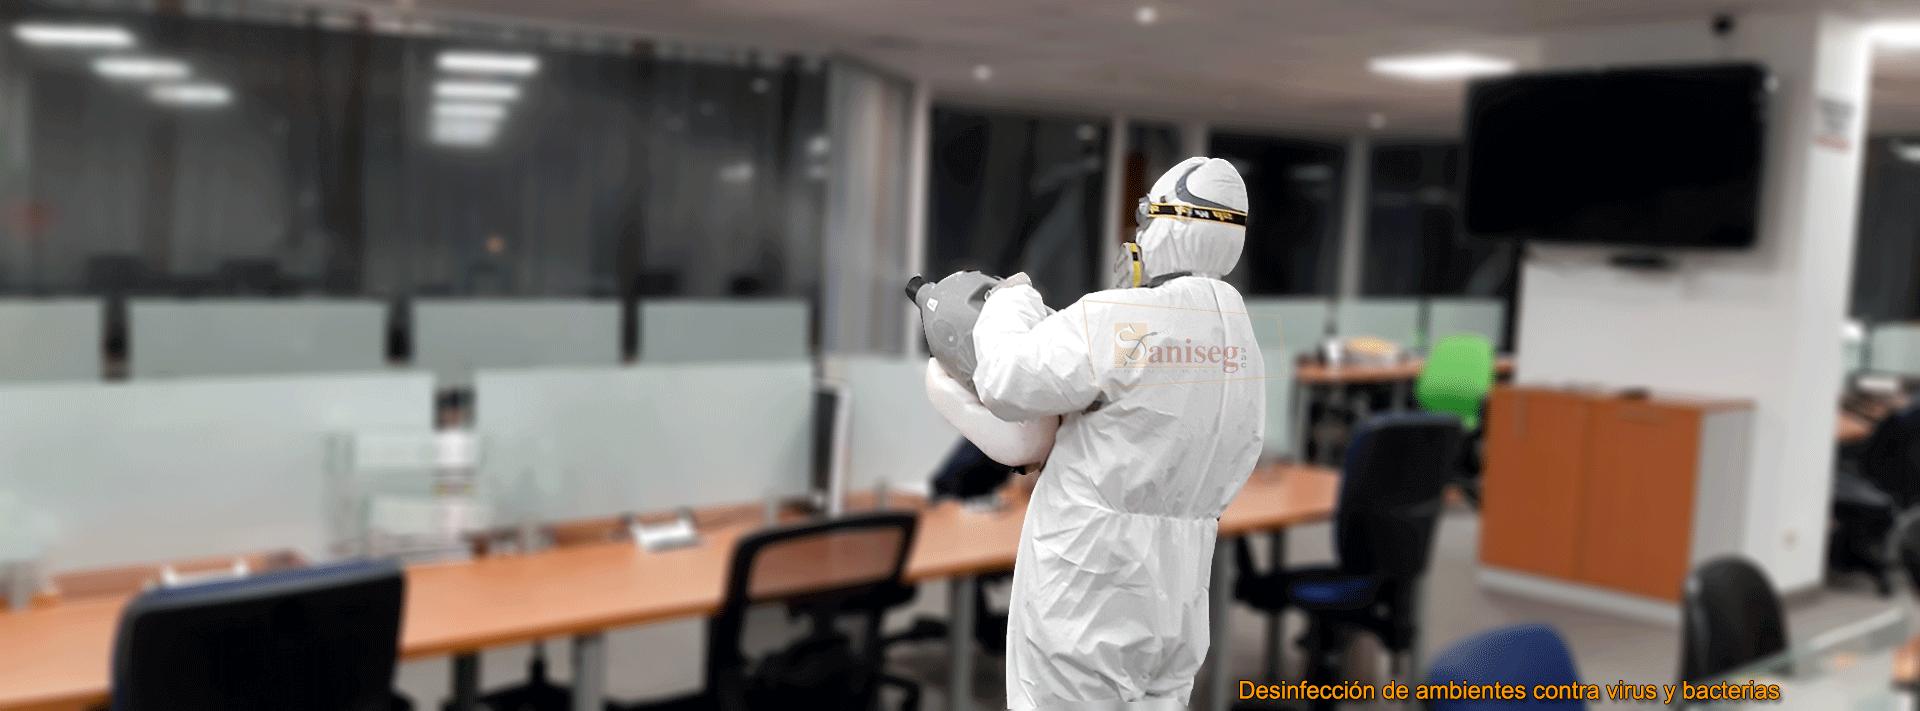 desinfeccion de ambientes en oficinas